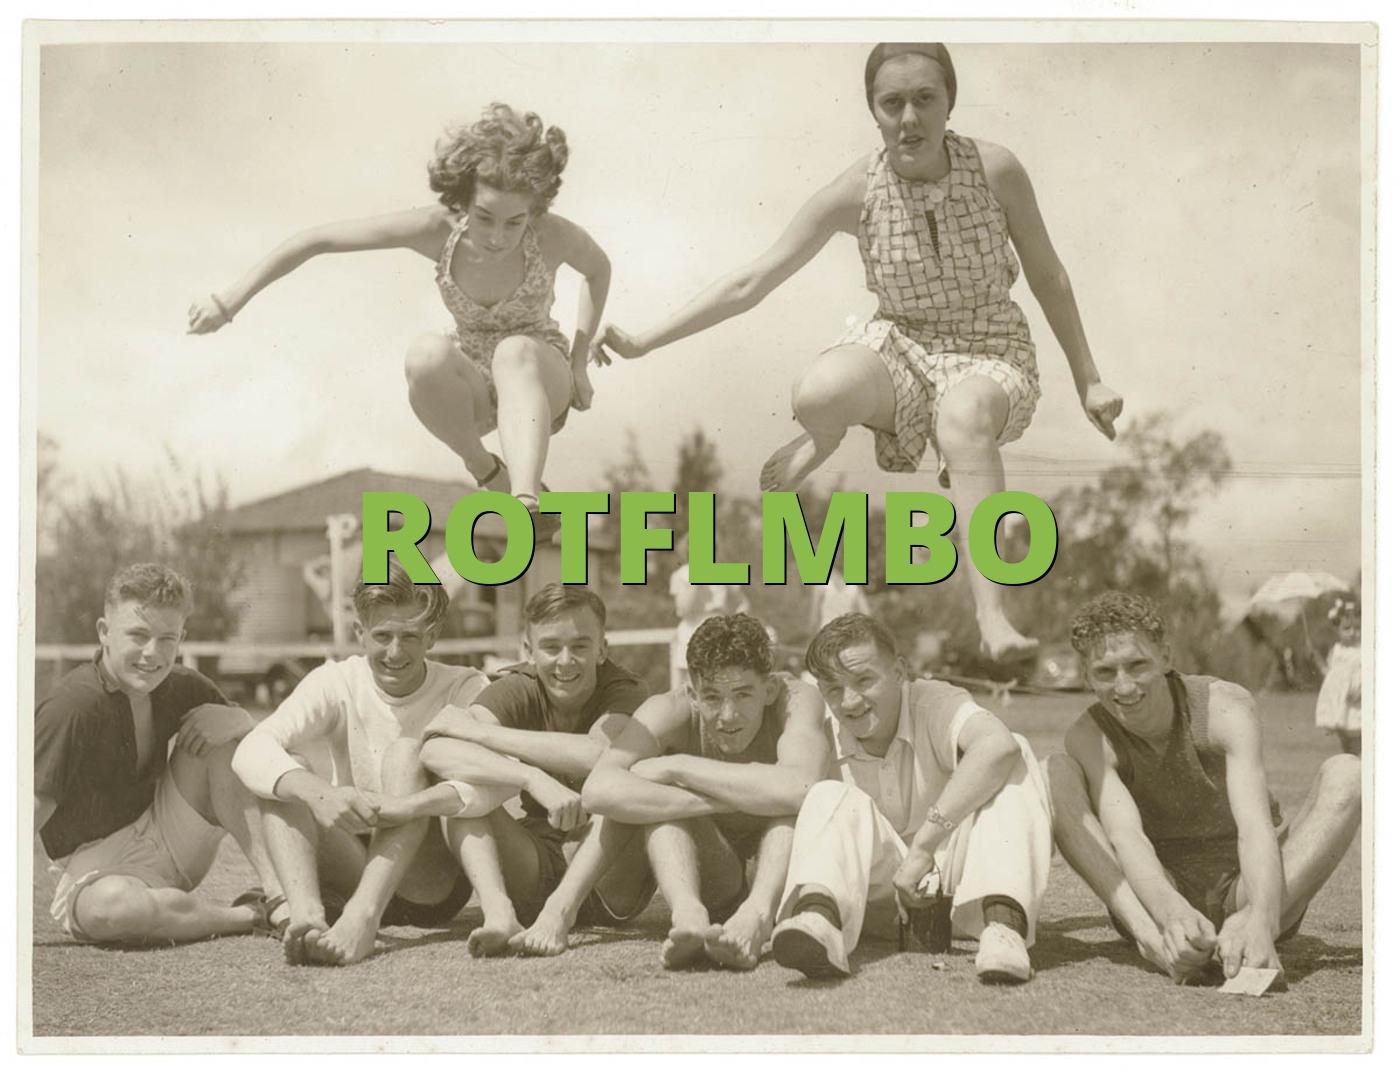 ROTFLMBO